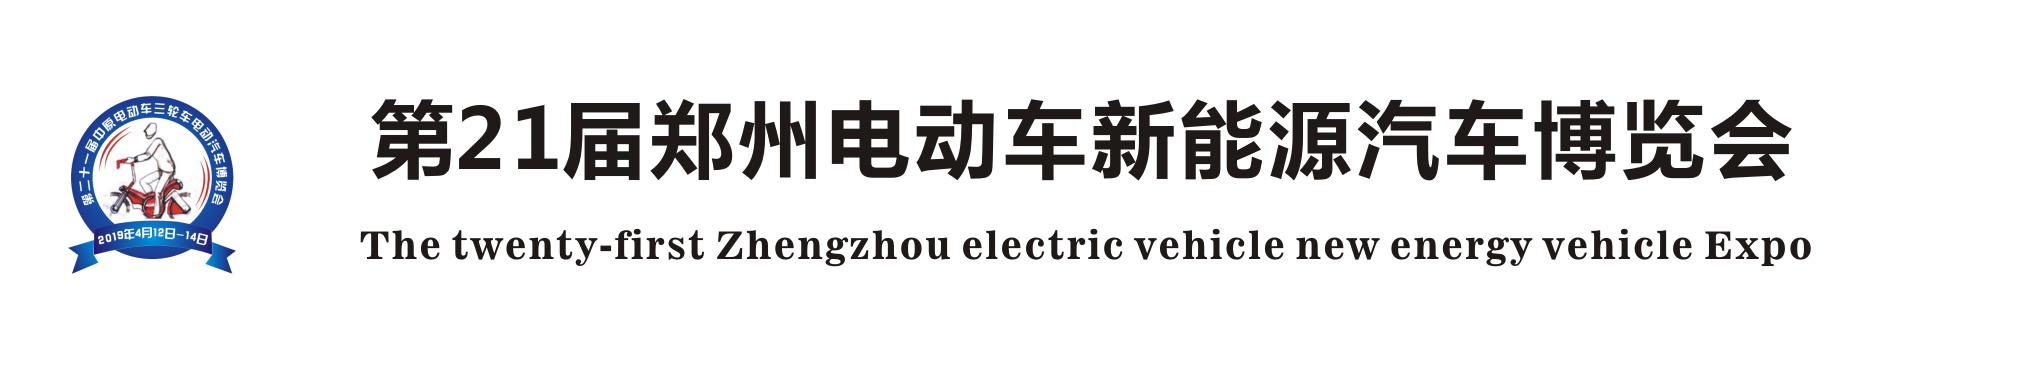 第21届郑州电动车新能源汽车博览会